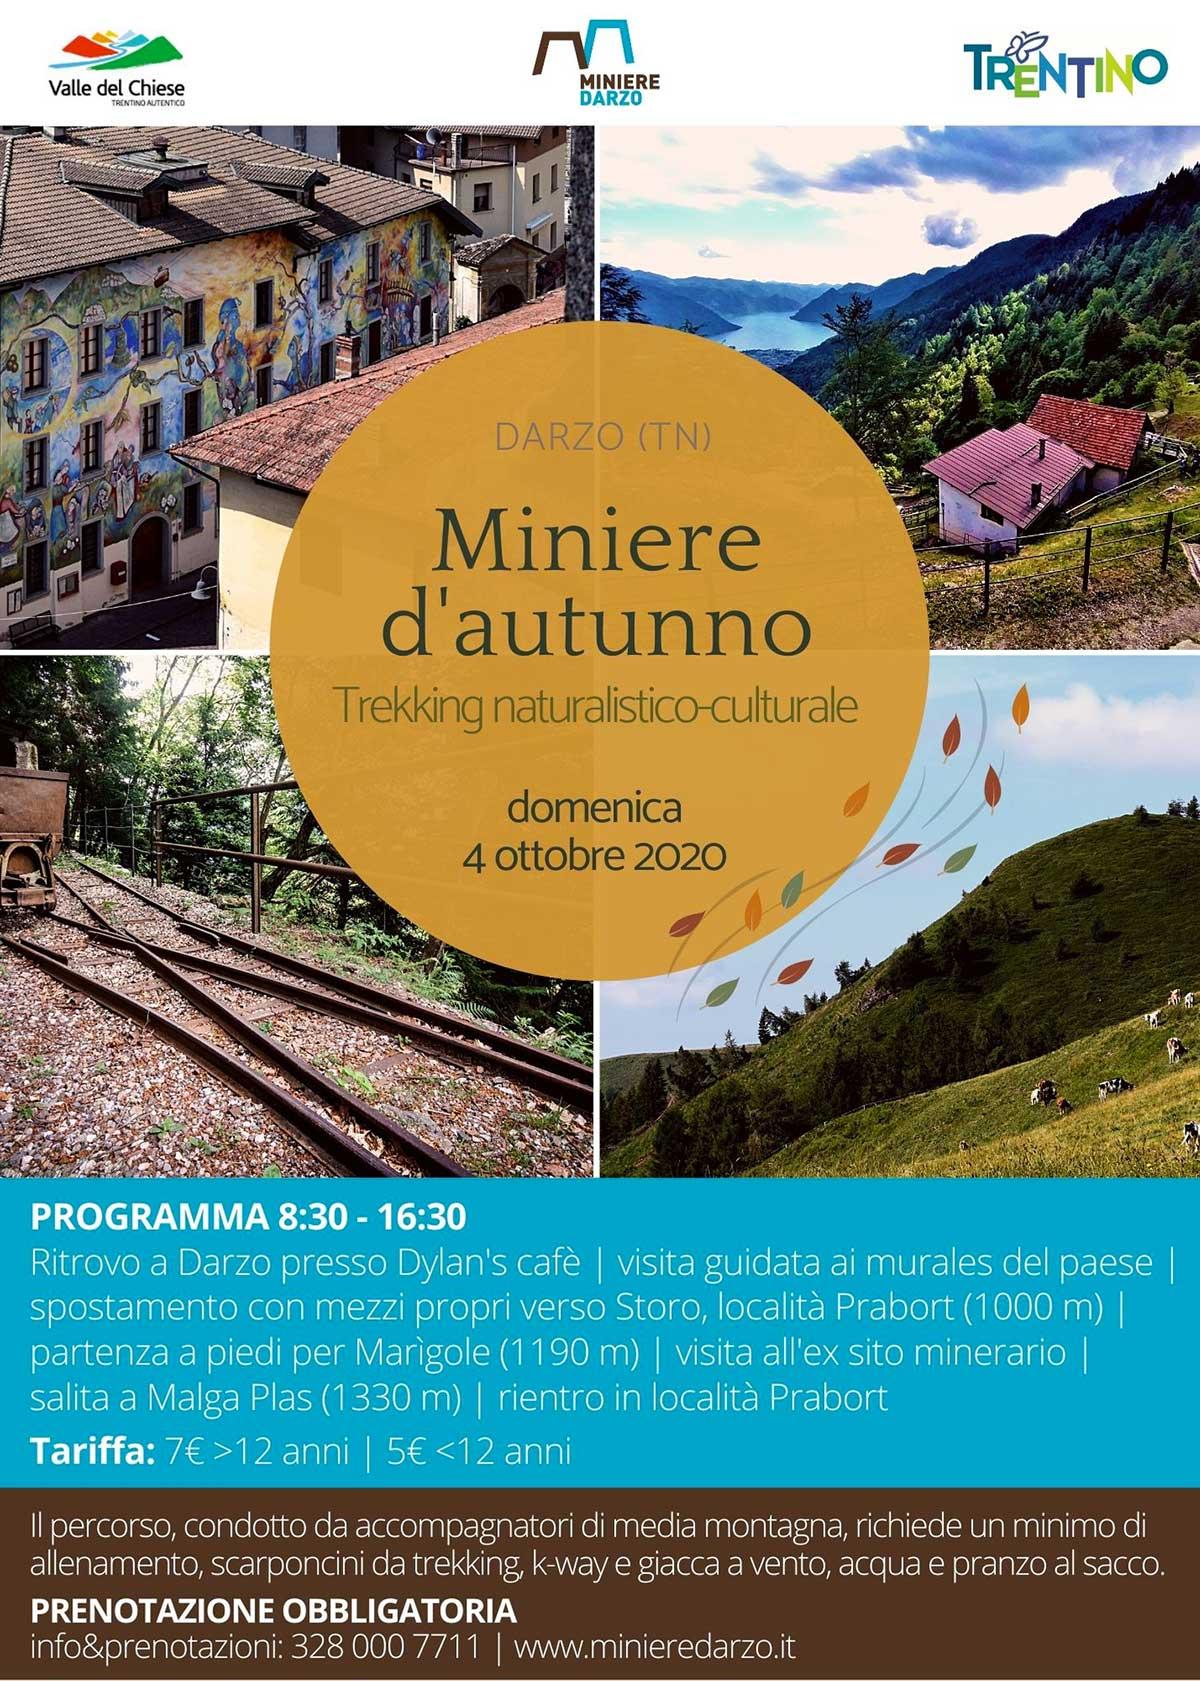 Miniere-d'autunno_Darzo-ottobre-2020-evento-chiusura